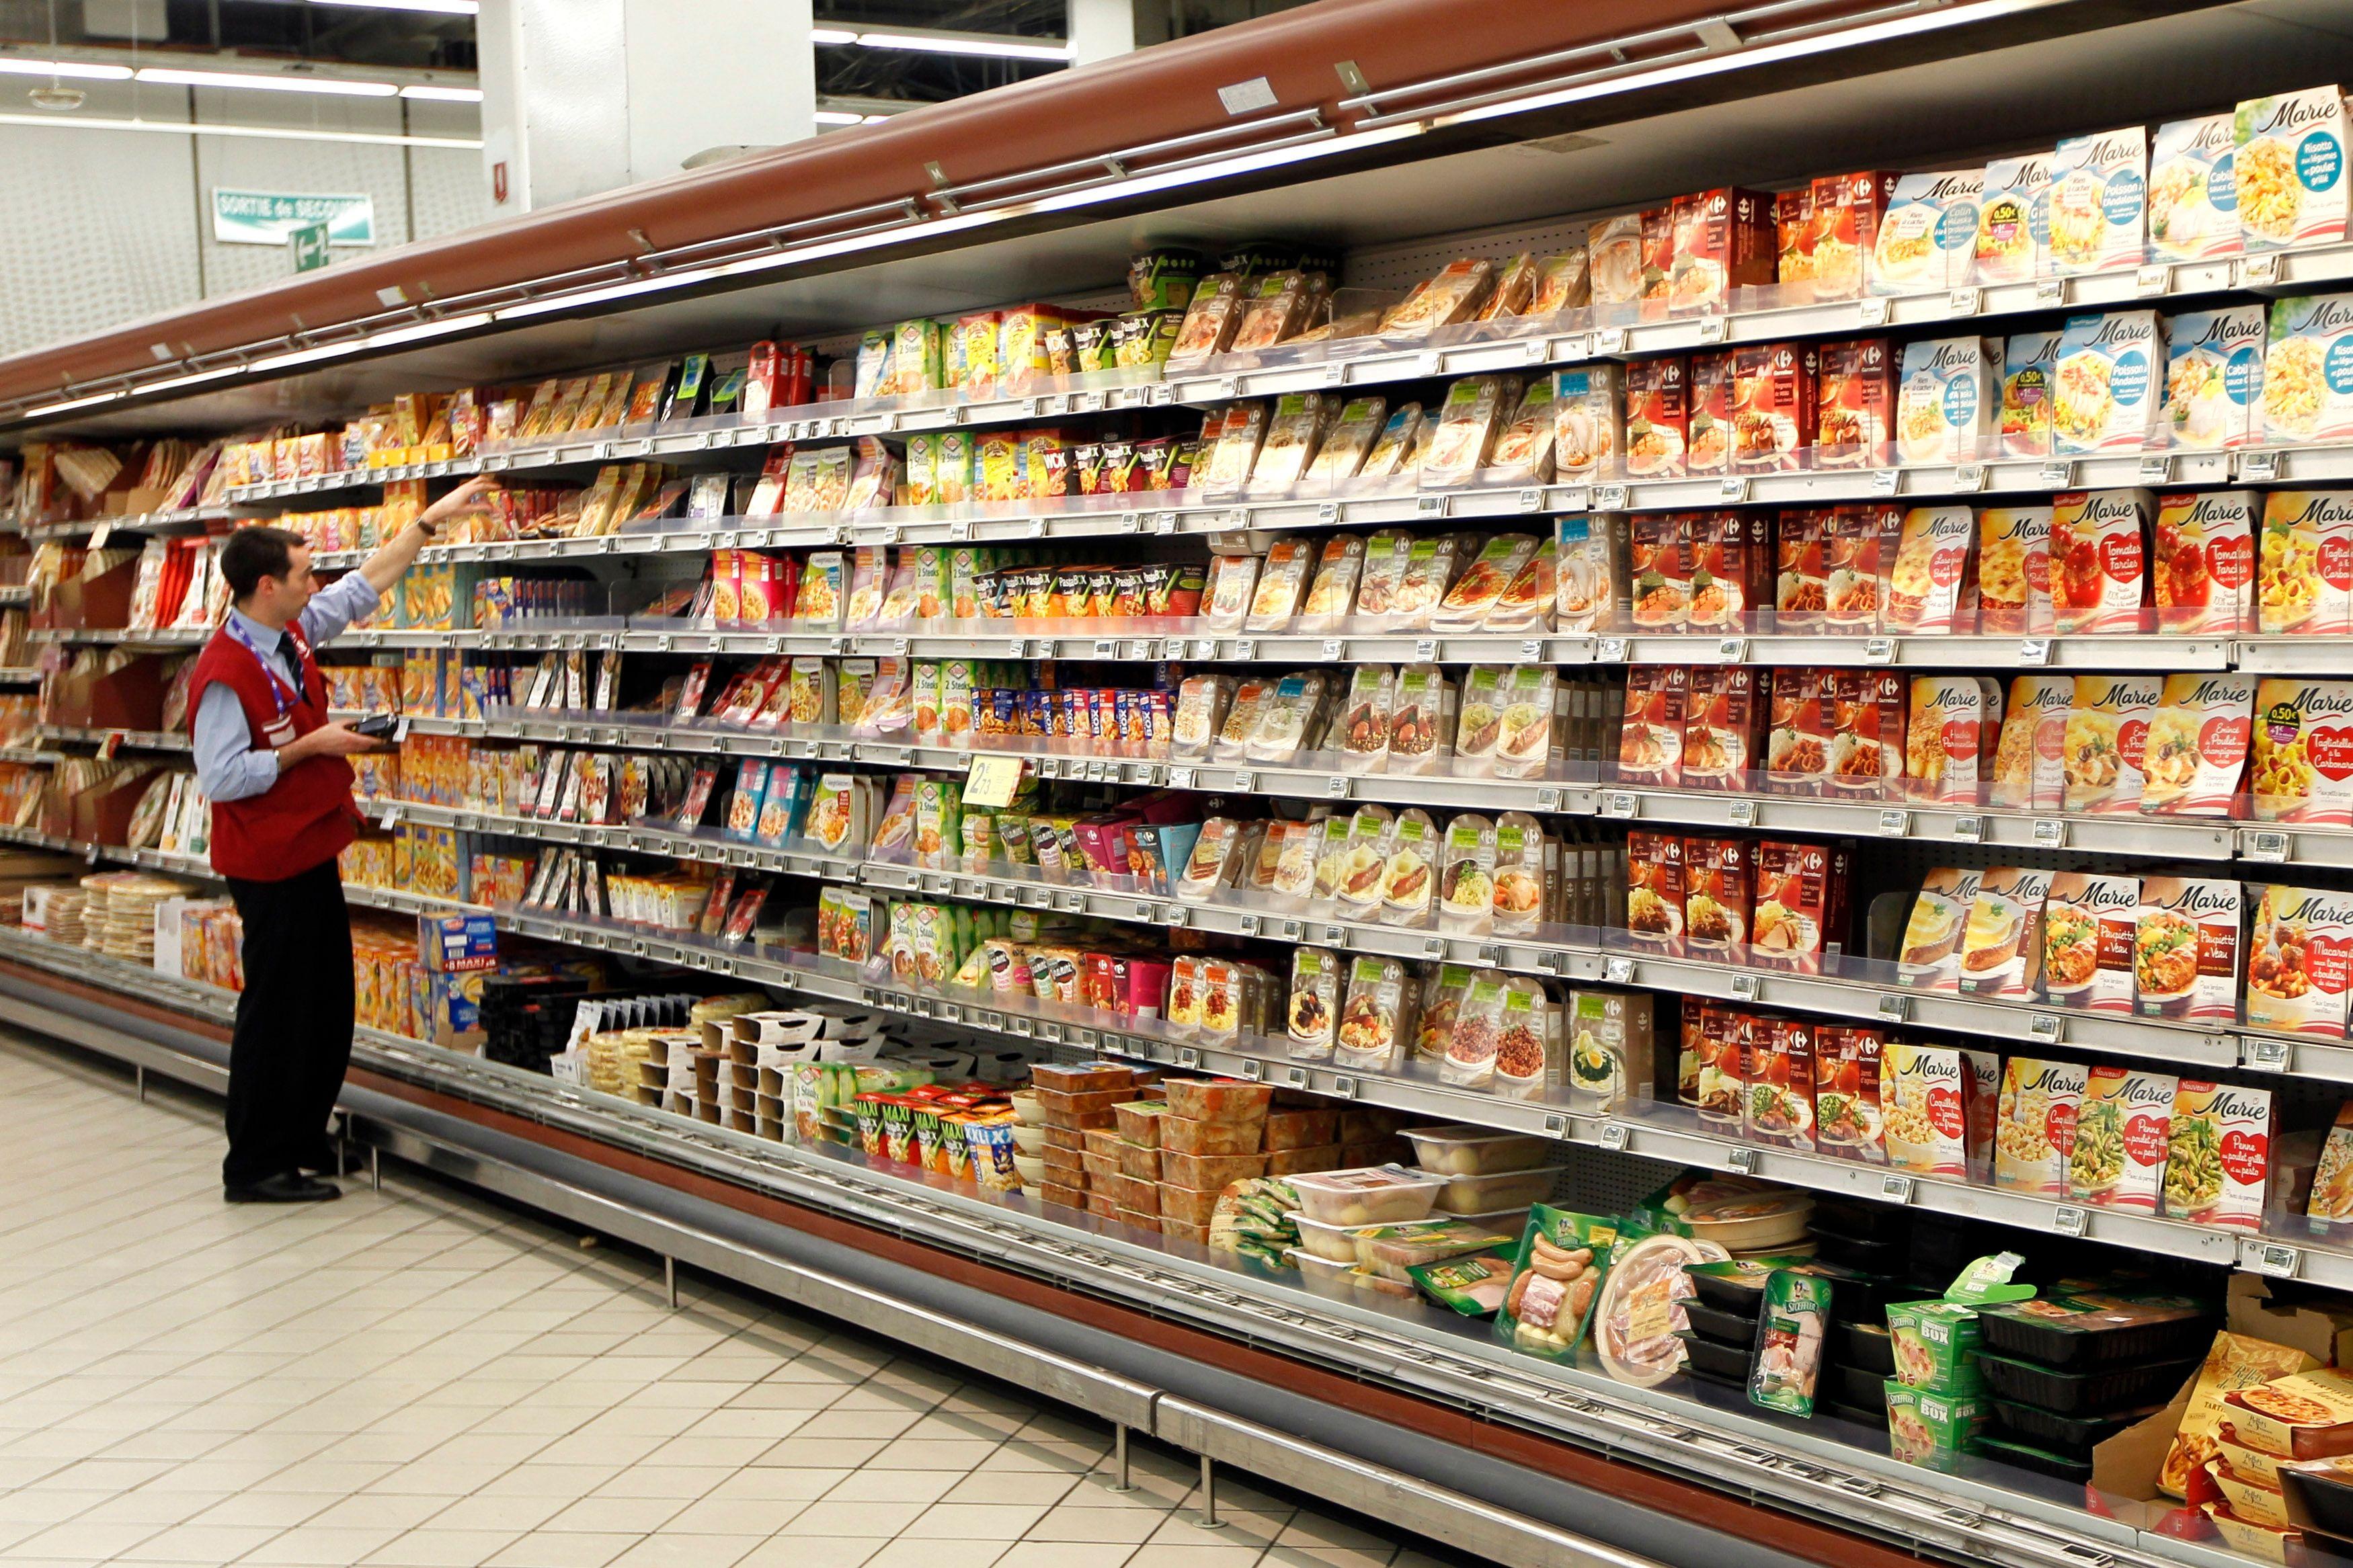 Peurs sur la consommation : bienvenue dans l'ère de l'irrationalité